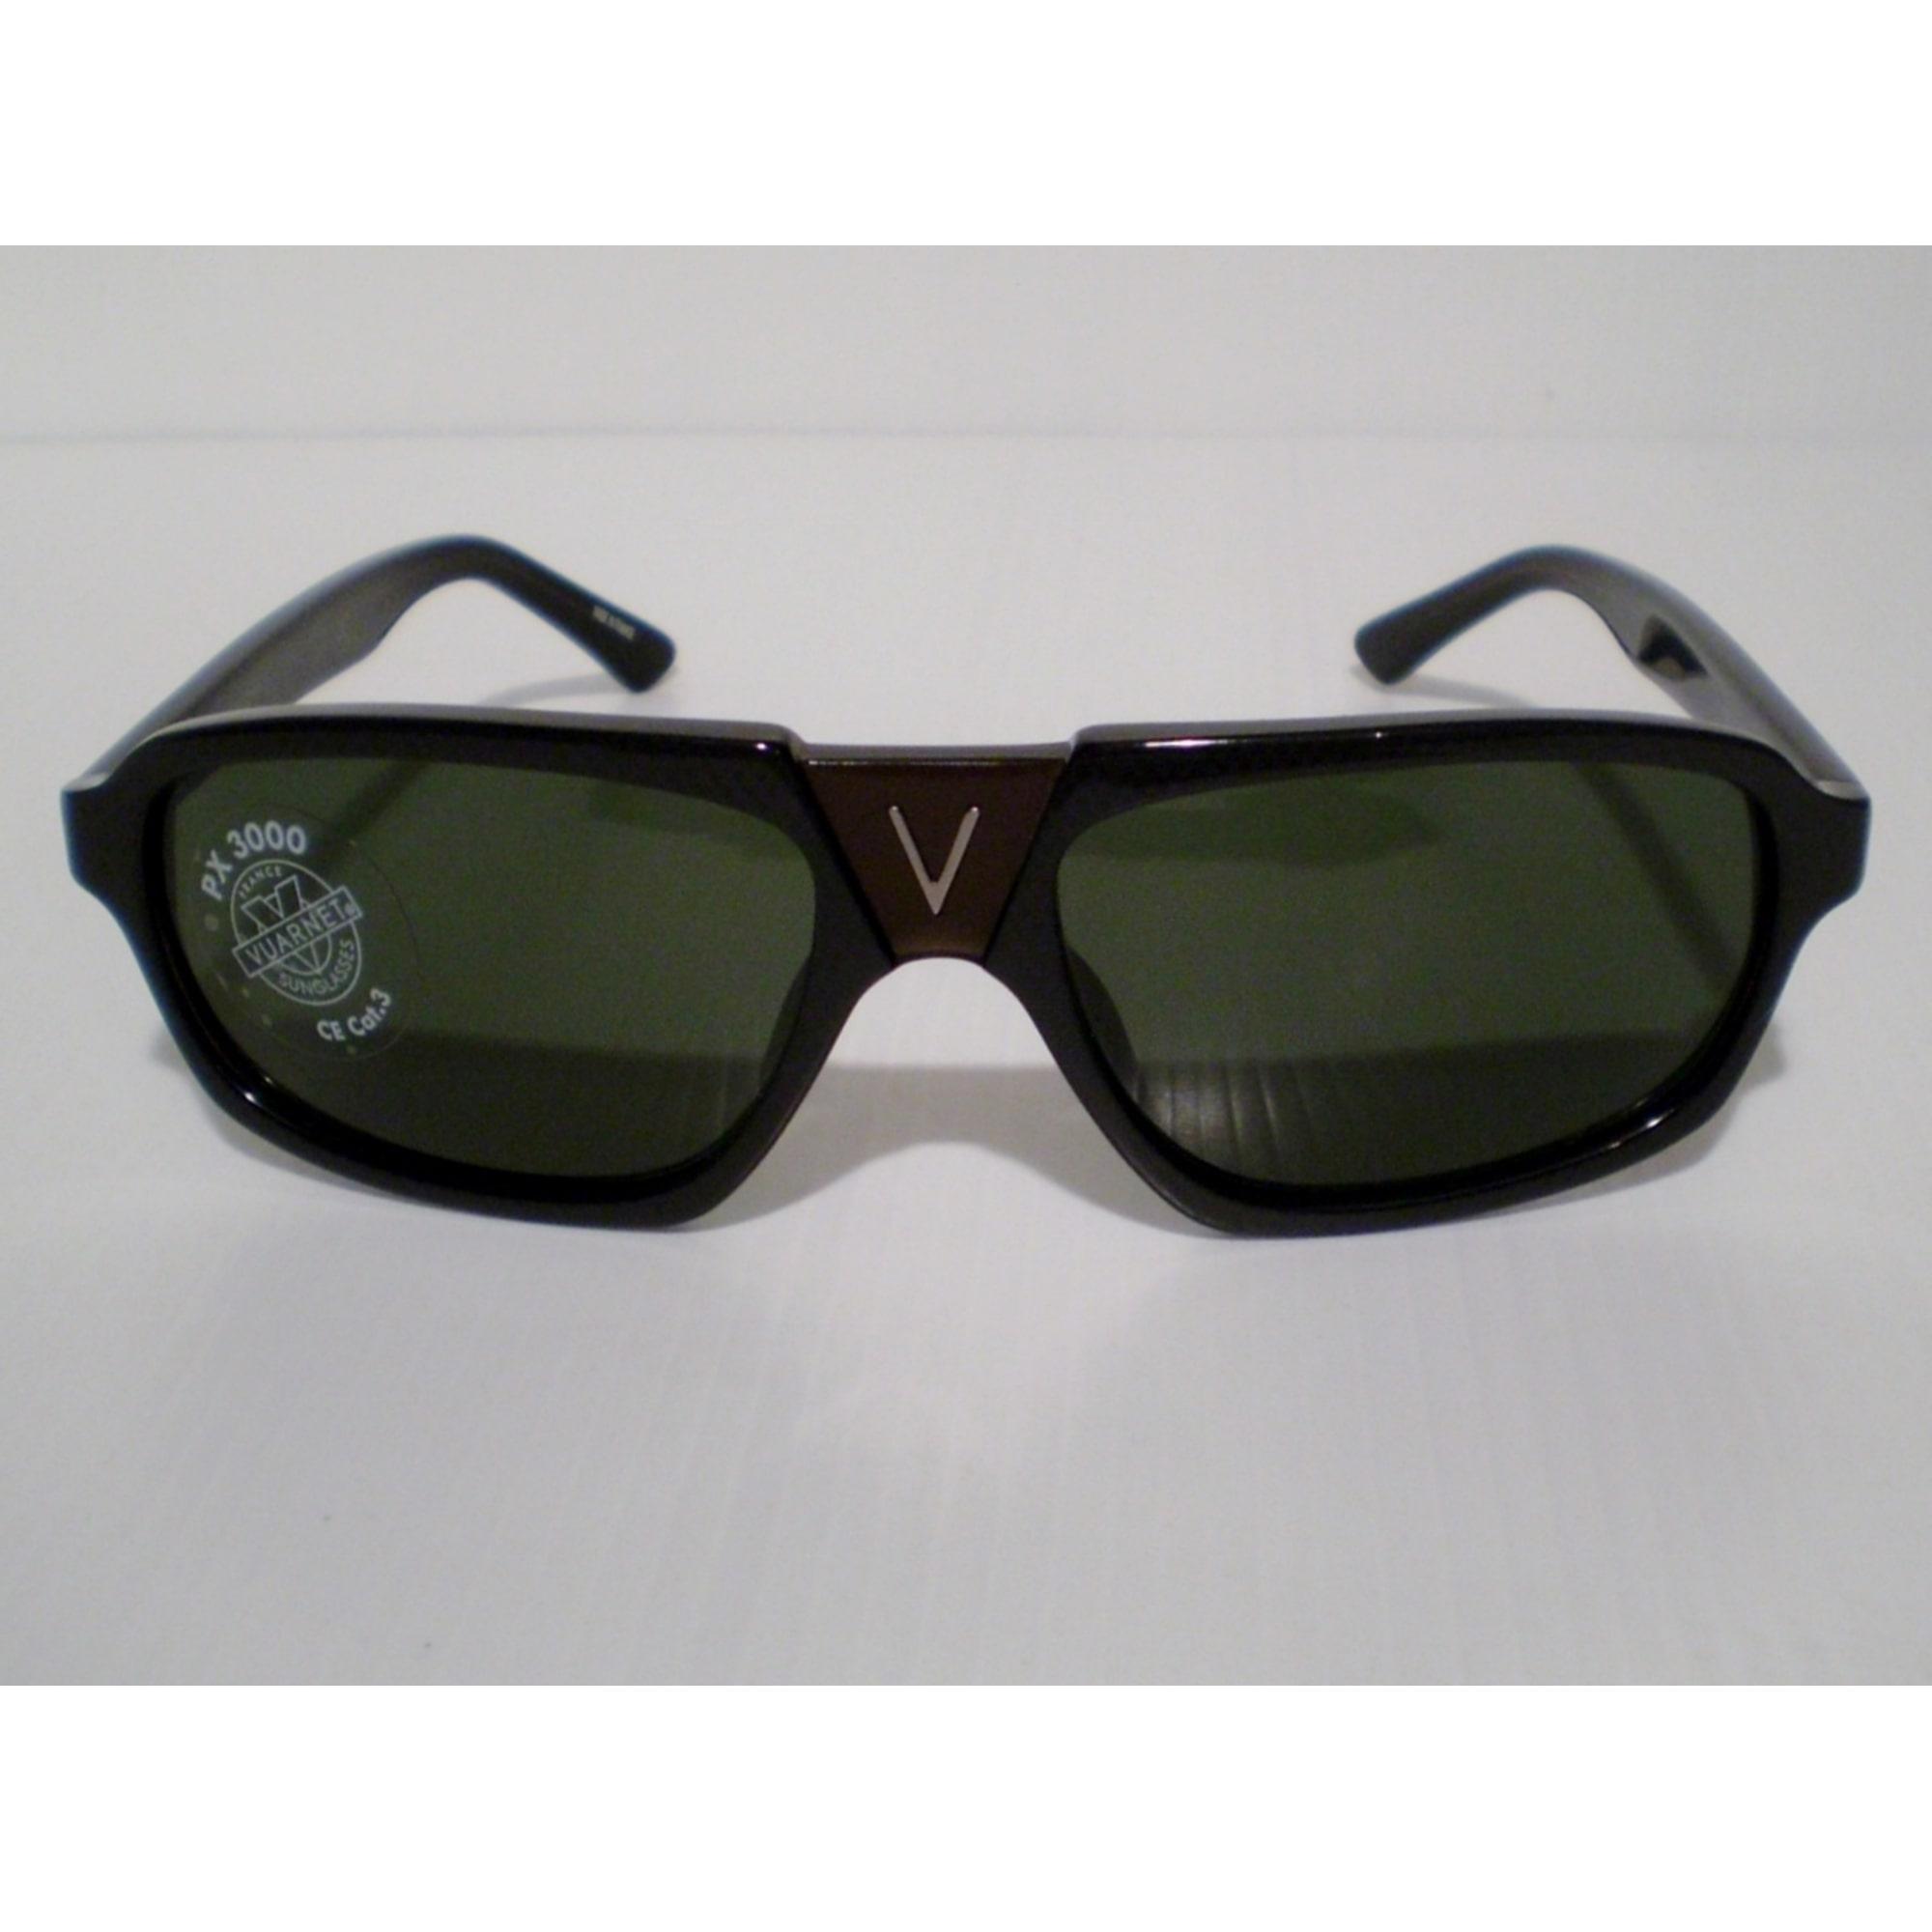 b86c144350aa7 Lunettes de soleil VUARNET noir kevlar - 7378863